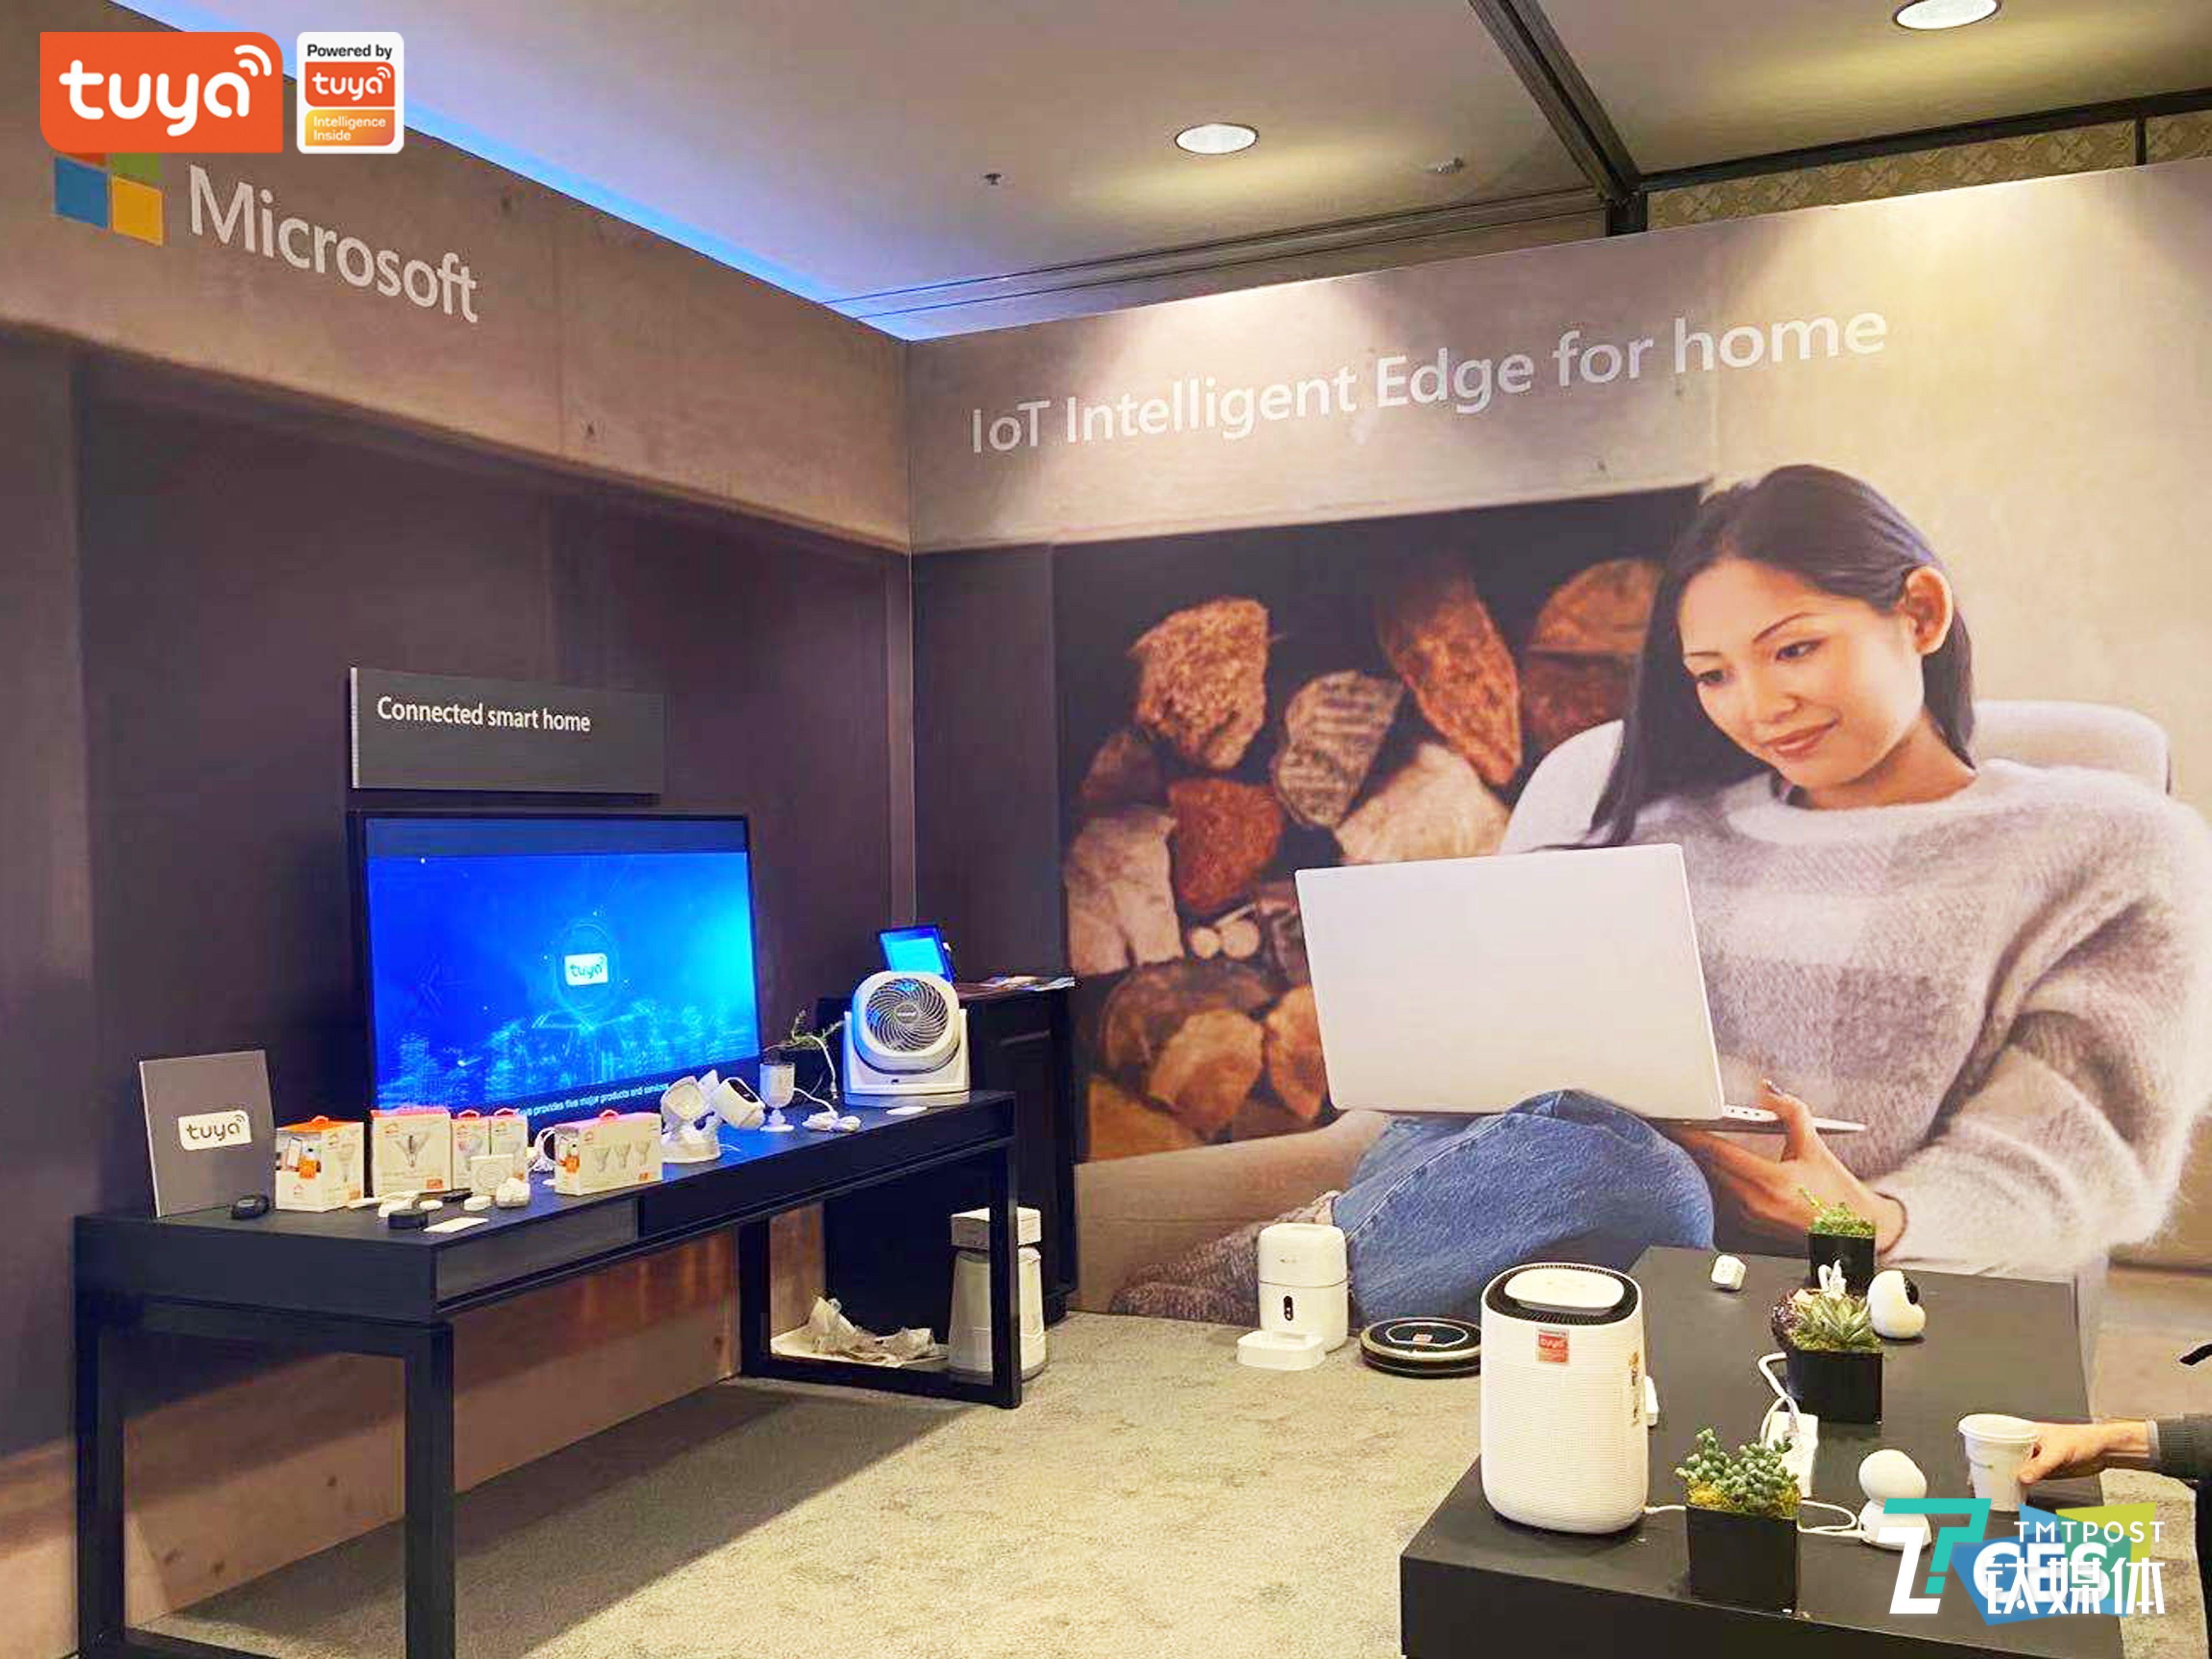 微软与涂鸦智能合作展台